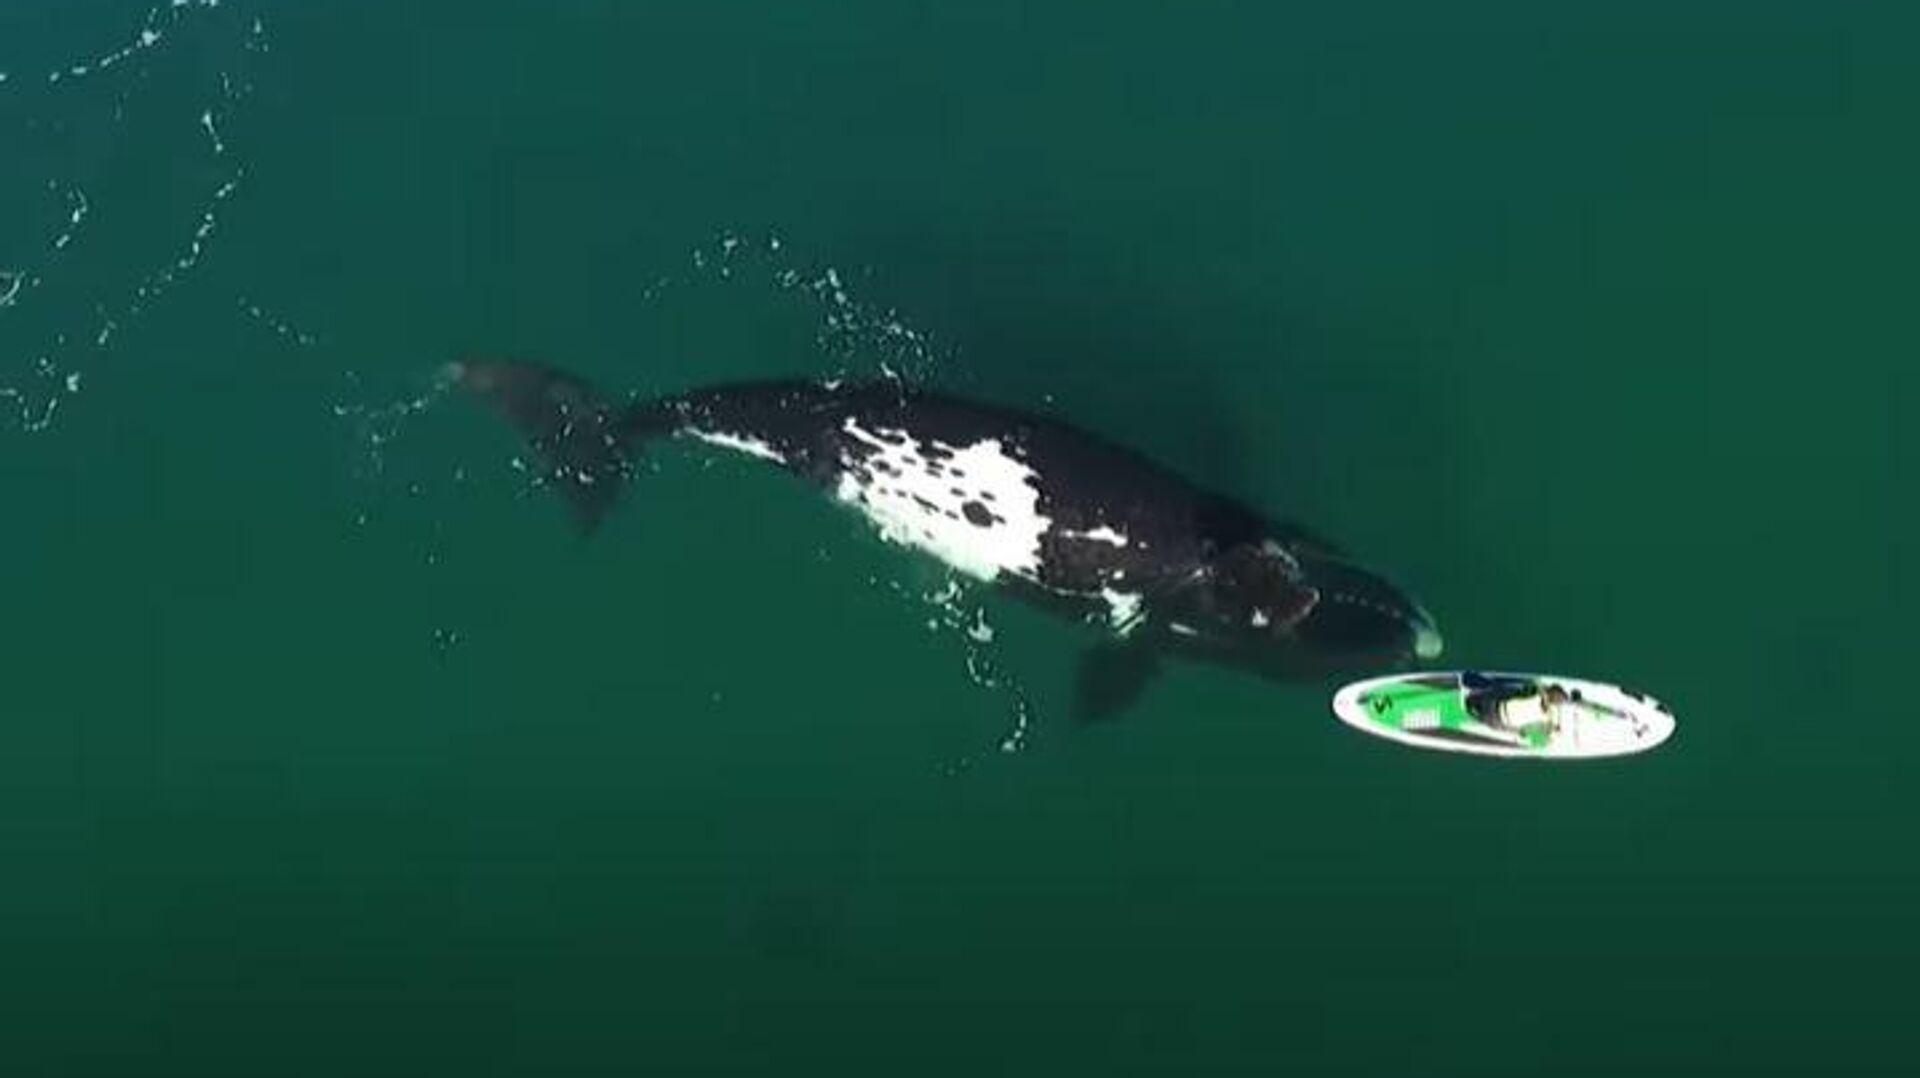 Φάλαινα σπρώχνει φάλαινα που κάνει βαρκάδα στον Ατλαντικό Ωκεανό - Sputnik Ελλάδα, 1920, 15.09.2021